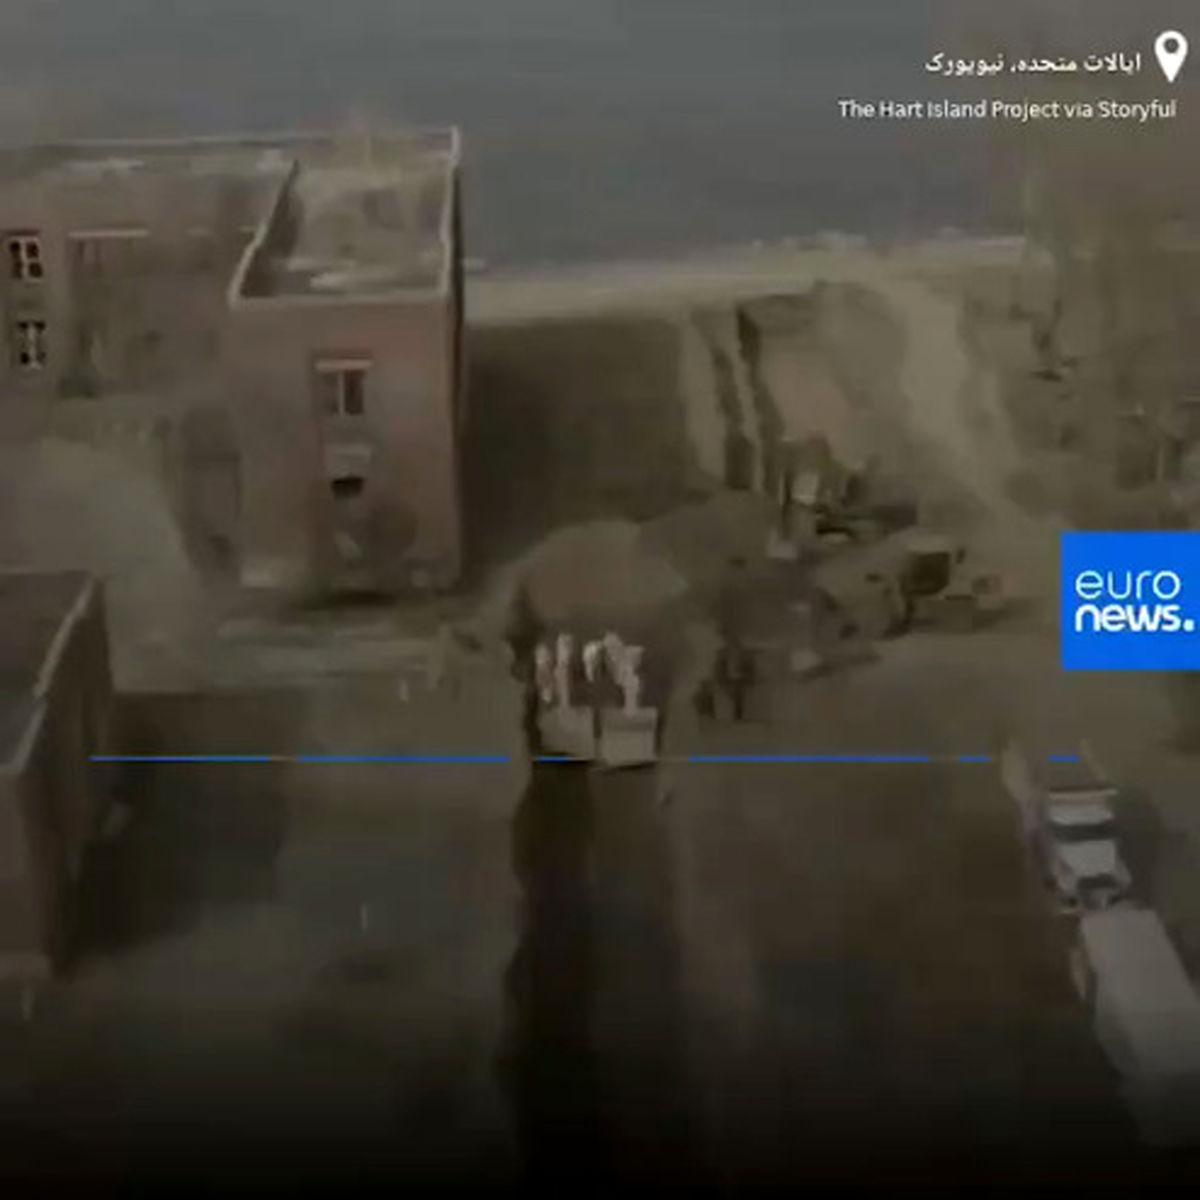 تصاویر پهپادی تکاندهنده از محل «دفن دستهجمعی» قربانیان کرونا در نزدیکی نیویورک +فیلم